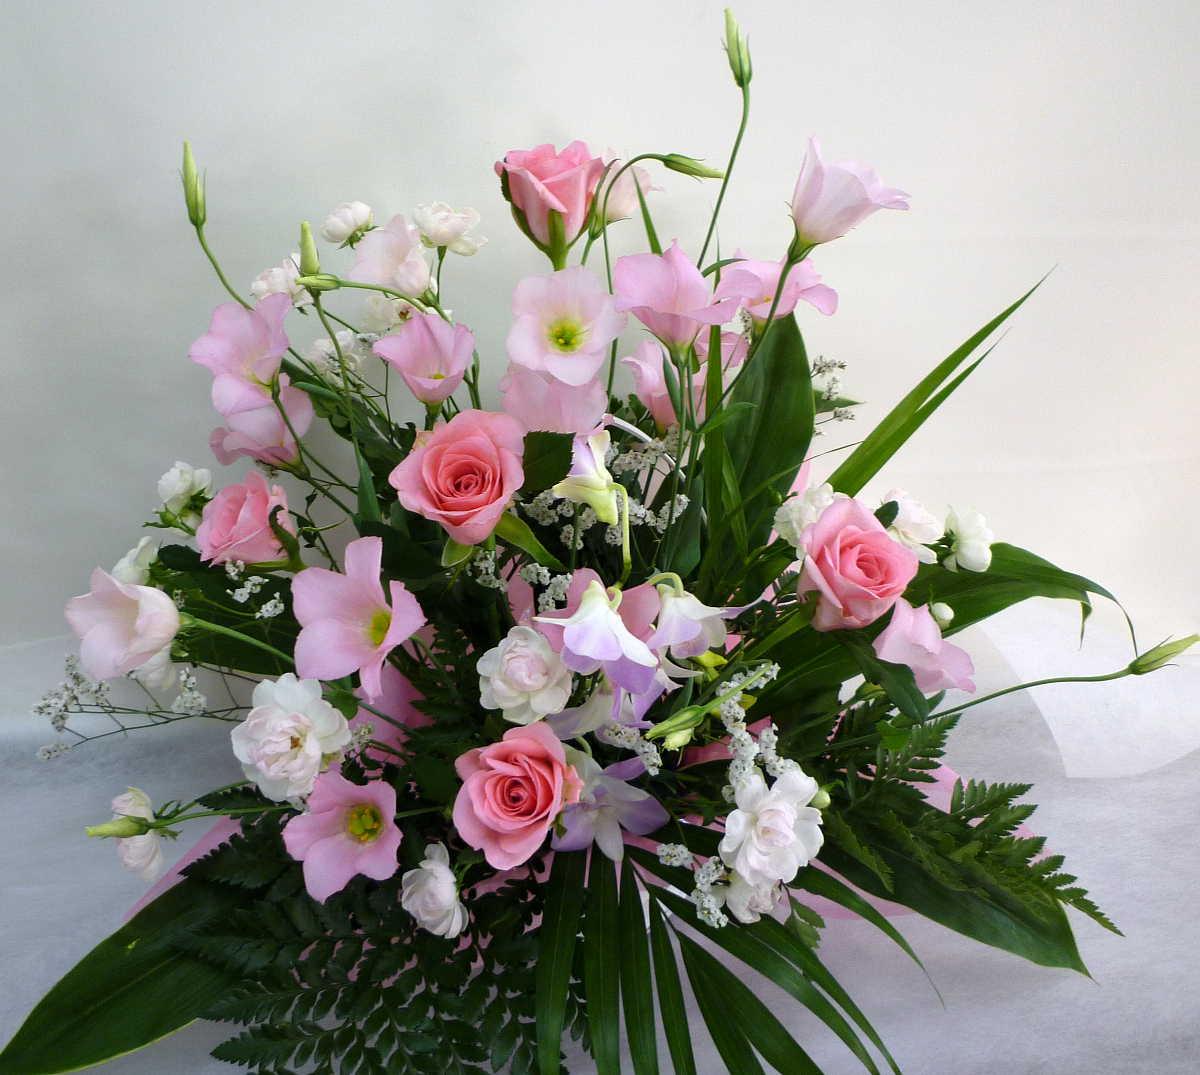 【サティスファイ】 バラとトルコキキョウのアレンジメント画像